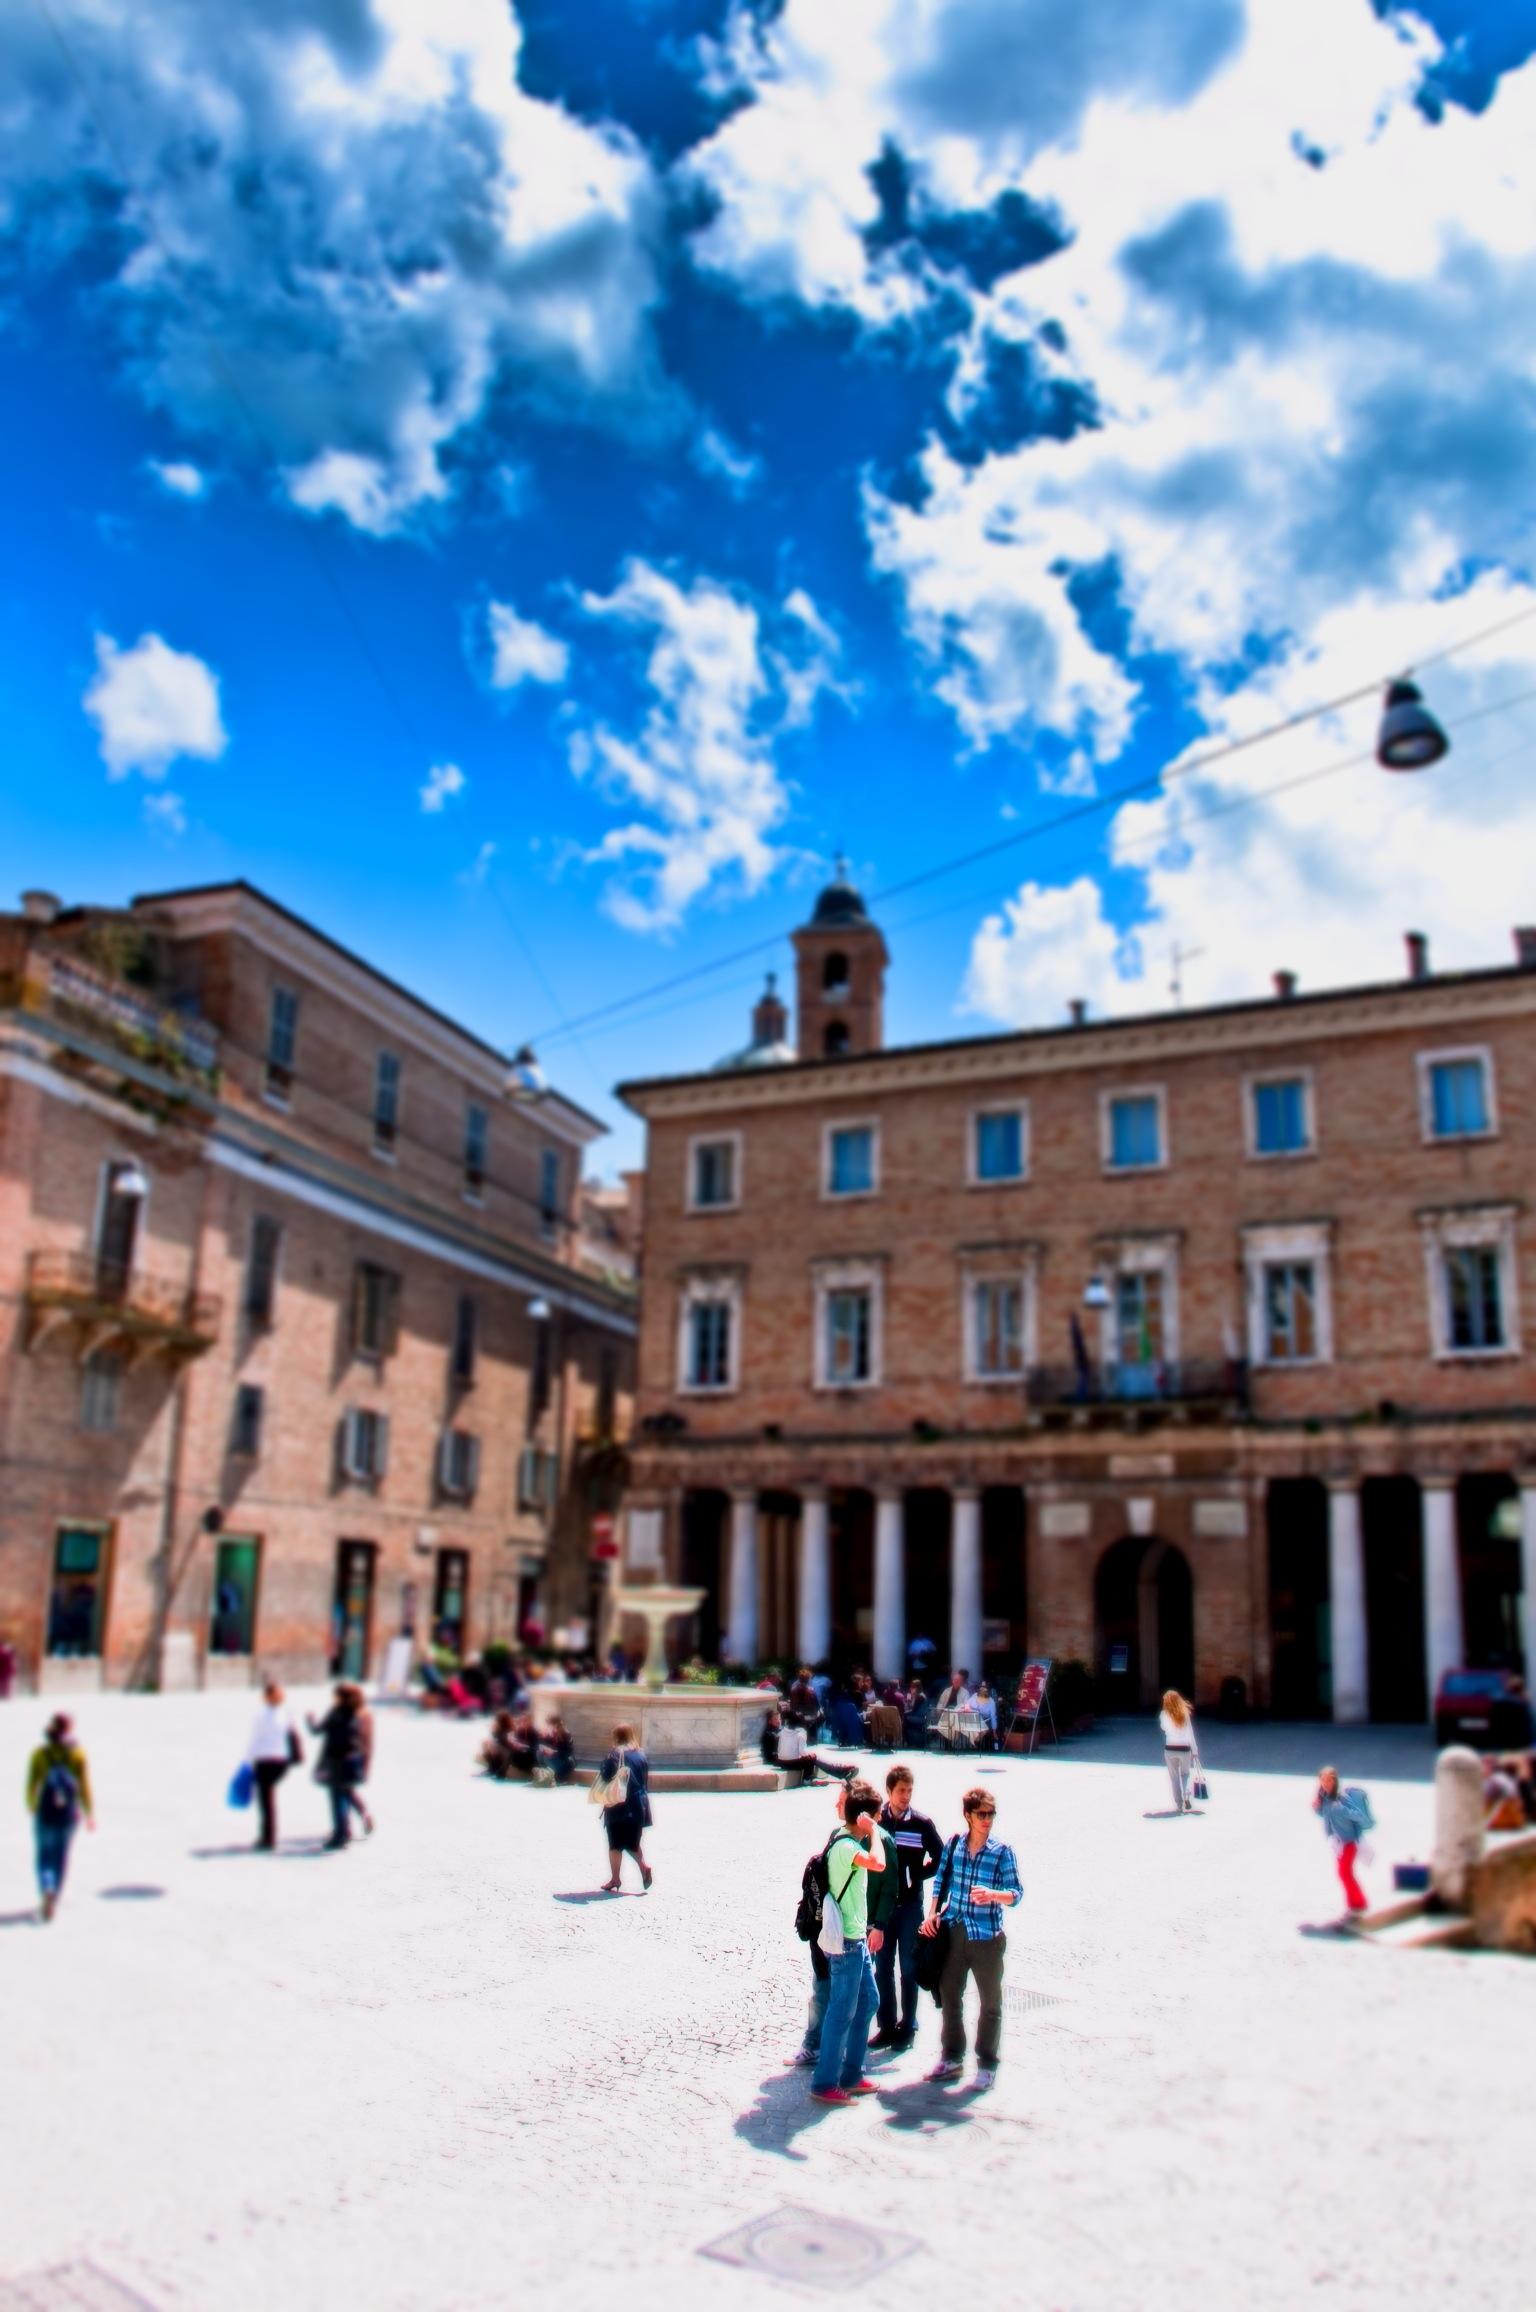 Una delle piazze di Urbino. Foto Donatello Trisolino